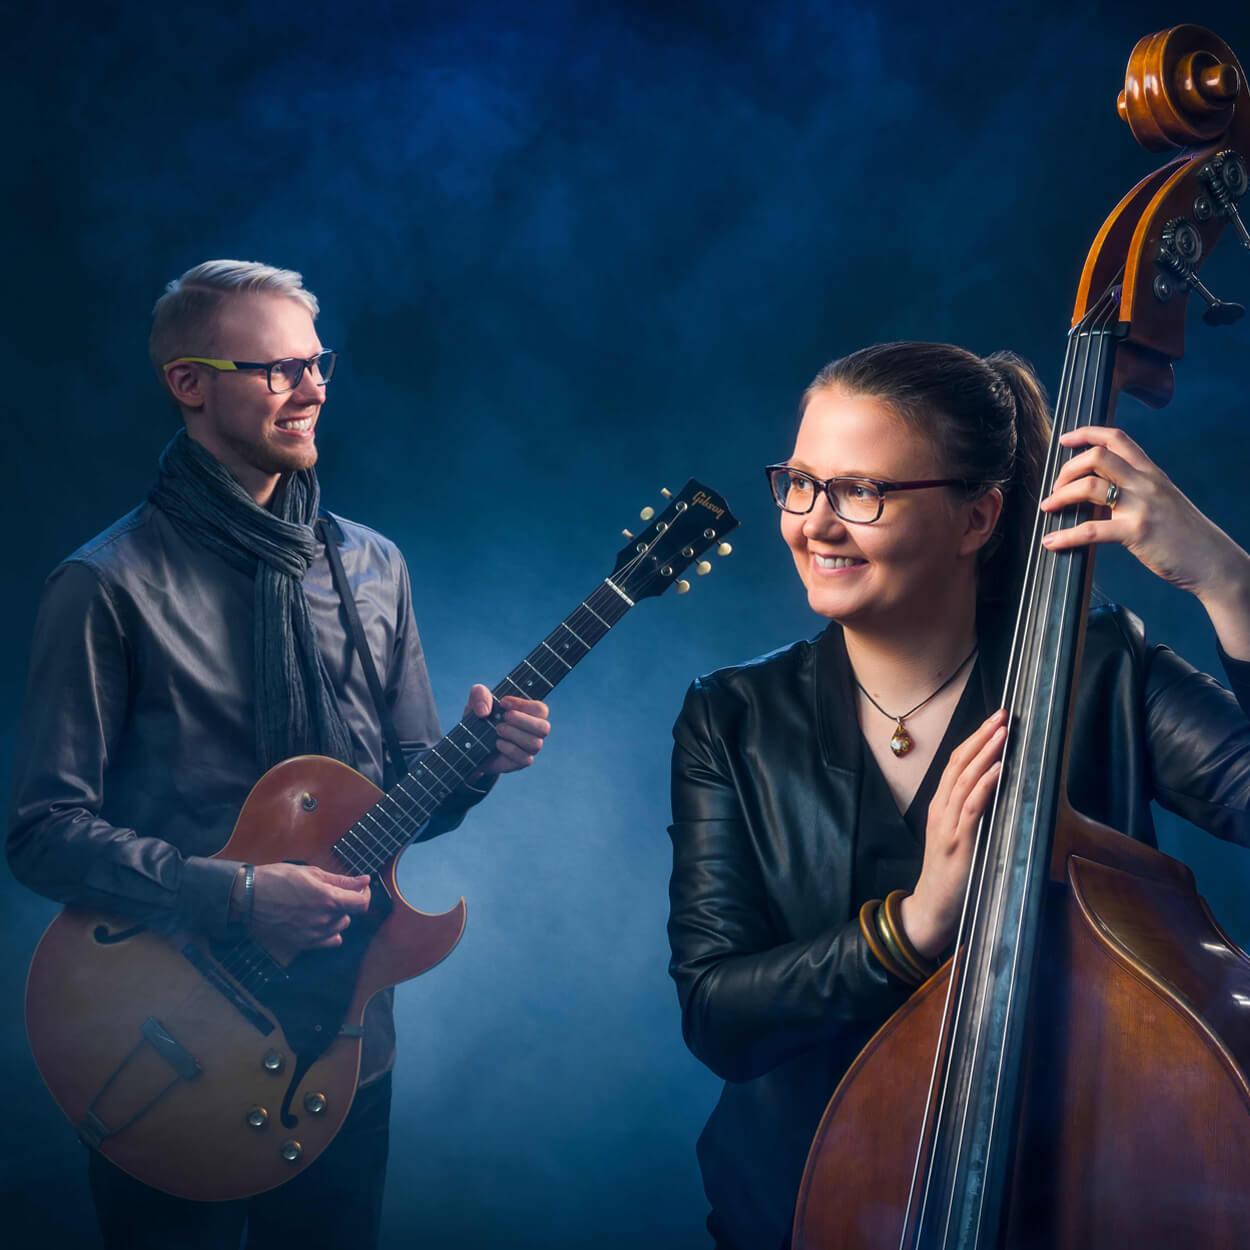 Söderbacka-Matikainen Duo